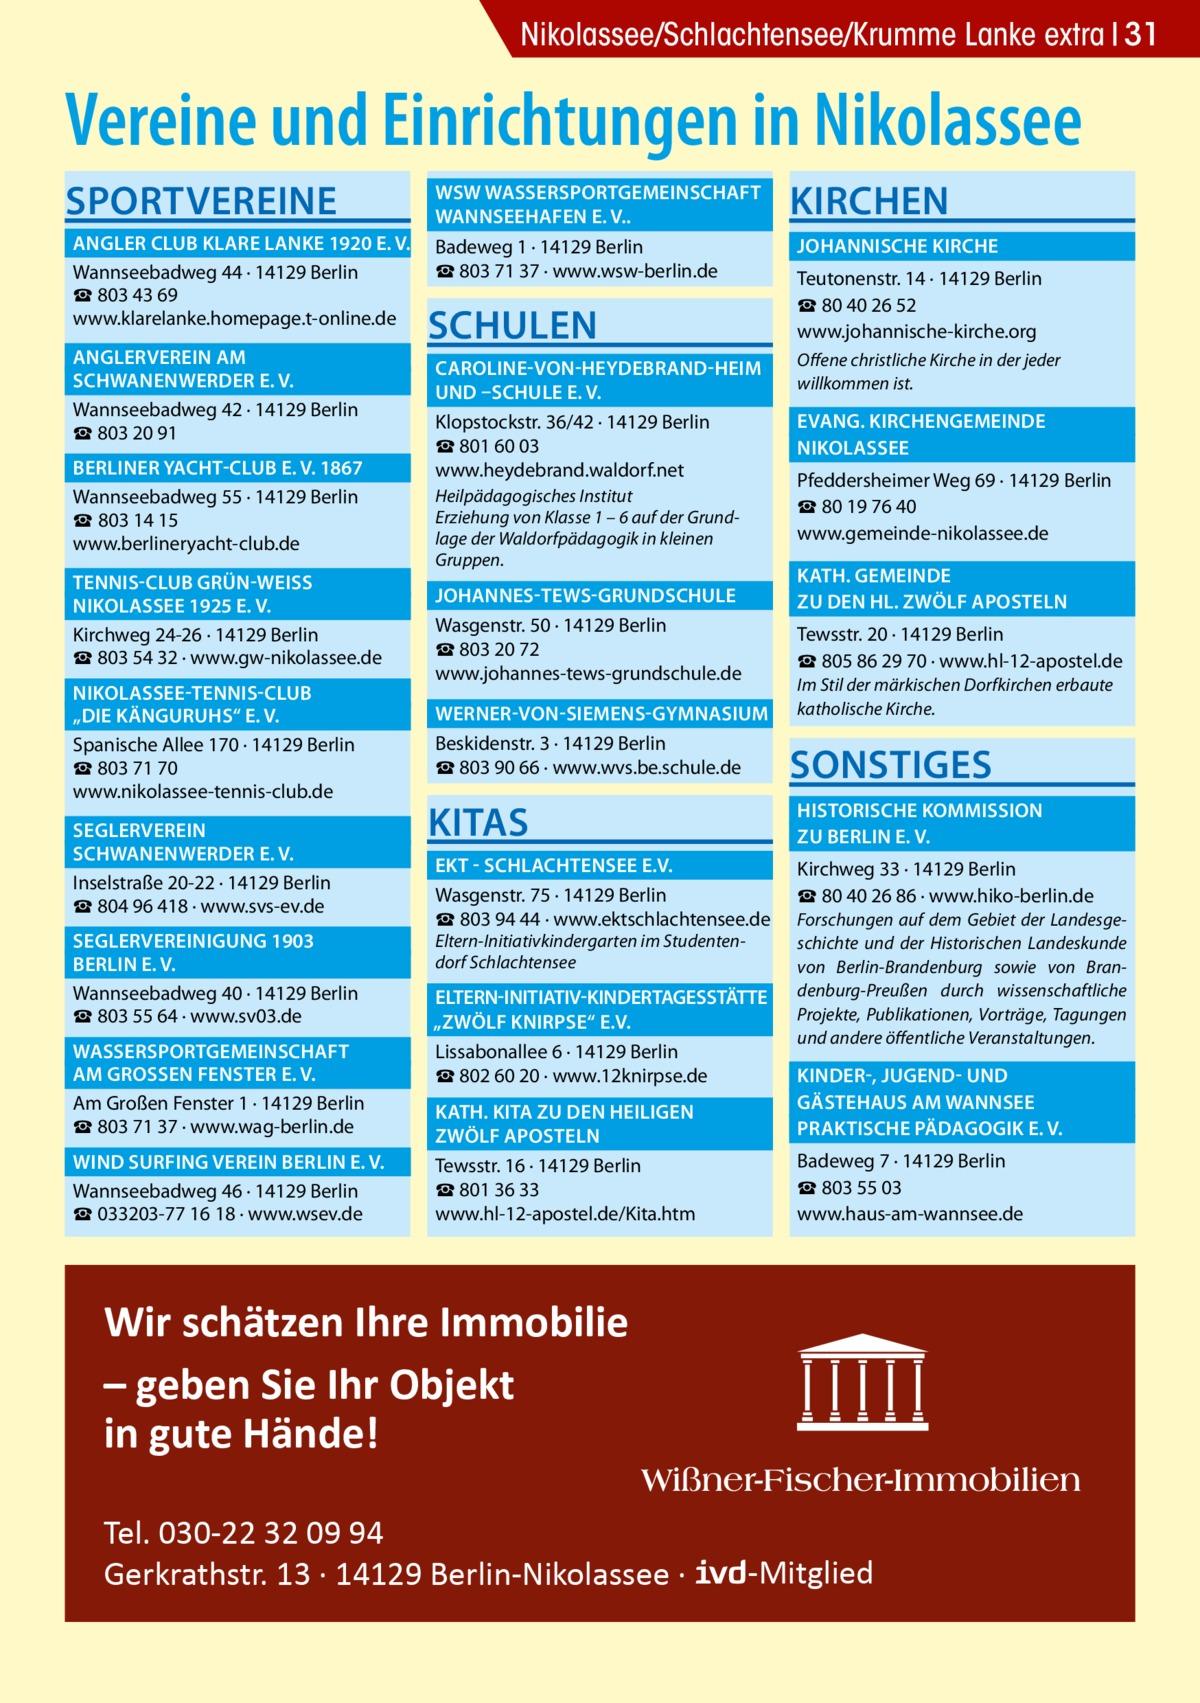 """Gesundheit Nikolassee/Schlachtensee/Krumme Lanke extra 31  Vereine und Einrichtungen in Nikolassee Sportvereine   WSW Wassersportgemeinschaft �  Wannseehafen e. V..�  Angler Club Klare Lanke 1920 e. V.� Badeweg 1 · 14129 Berlin ☎803 71 37 · www.wsw-berlin.de Wannseebadweg 44 · 14129 Berlin ☎ 803 43 69 www.klarelanke.homepage.t-online.de  Anglerverein Am�  Schwanenwerder e. V.� Wannseebadweg 42 · 14129 Berlin ☎ 803 20 91  Berliner Yacht-Club e. V. 1867� Wannseebadweg 55 · 14129 Berlin ☎ 803 14 15 www.berlineryacht-club.de  Tennis-Club Grün-WeiSS �  Nikolassee 1925 e. V.� Kirchweg 24-26 · 14129 Berlin ☎ 803 54 32 · www.gw-nikolassee.de  Nikolassee-Tennis-Club �  """"Die Känguruhs"""" e. V.� Spanische Allee 170 · 14129 Berlin ☎803 71 70 www.nikolassee-tennis-club.de Seglerverein�  Schwanenwerder e. V.� Inselstraße 20-22 · 14129 Berlin ☎804 96 418 · www.svs-ev.de  Seglervereinigung 1903 �  Berlin e. V.� Wannseebadweg 40 · 14129 Berlin ☎803 55 64 · www.sv03.de  Wassersportgemeinschaft � am GroSSen Fenster e. V.� Am Großen Fenster 1 · 14129 Berlin ☎803 71 37 · www.wag-berlin.de  Wind Surfing Verein Berlin e. V.� Wannseebadweg 46 · 14129 Berlin ☎033203-77 16 18 · www.wsev.de  Schulen  Kirchen  Johannische Kirche � Teutonenstr. 14 · 14129 Berlin ☎ 80 40 26 52 www.johannische-kirche.org   Caroline-von-Heydebrand-Heim � Offene christliche Kirche in der jeder willkommen ist. und –Schule e. V. �  Evang. Kirchengemeinde � Klopstockstr. 36/42 · 14129 Berlin ☎801 60 03 Nikolassee� www.heydebrand.waldorf.net Pfeddersheimer Weg 69 · 14129 Berlin Heilpädagogisches Institut ☎80 19 76 40 Erziehung von Klasse 1 – 6 auf der Grundwww.gemeinde-nikolassee.de lage der Waldorfpädagogik in kleinen Gruppen.   Kath. gemeinde � zu den Hl. Zwölf Aposteln �   Johannes-Tews-Grundschule � Wasgenstr. 50 · 14129 Berlin ☎803 20 72 www.johannes-tews-grundschule.de  Tewsstr. 20 · 14129 Berlin ☎805 86 29 70 · www.hl-12-apostel.de Im Stil der märkischen Dorfkirchen erbaute katholische Kirche.   Werner-von-Siemens"""